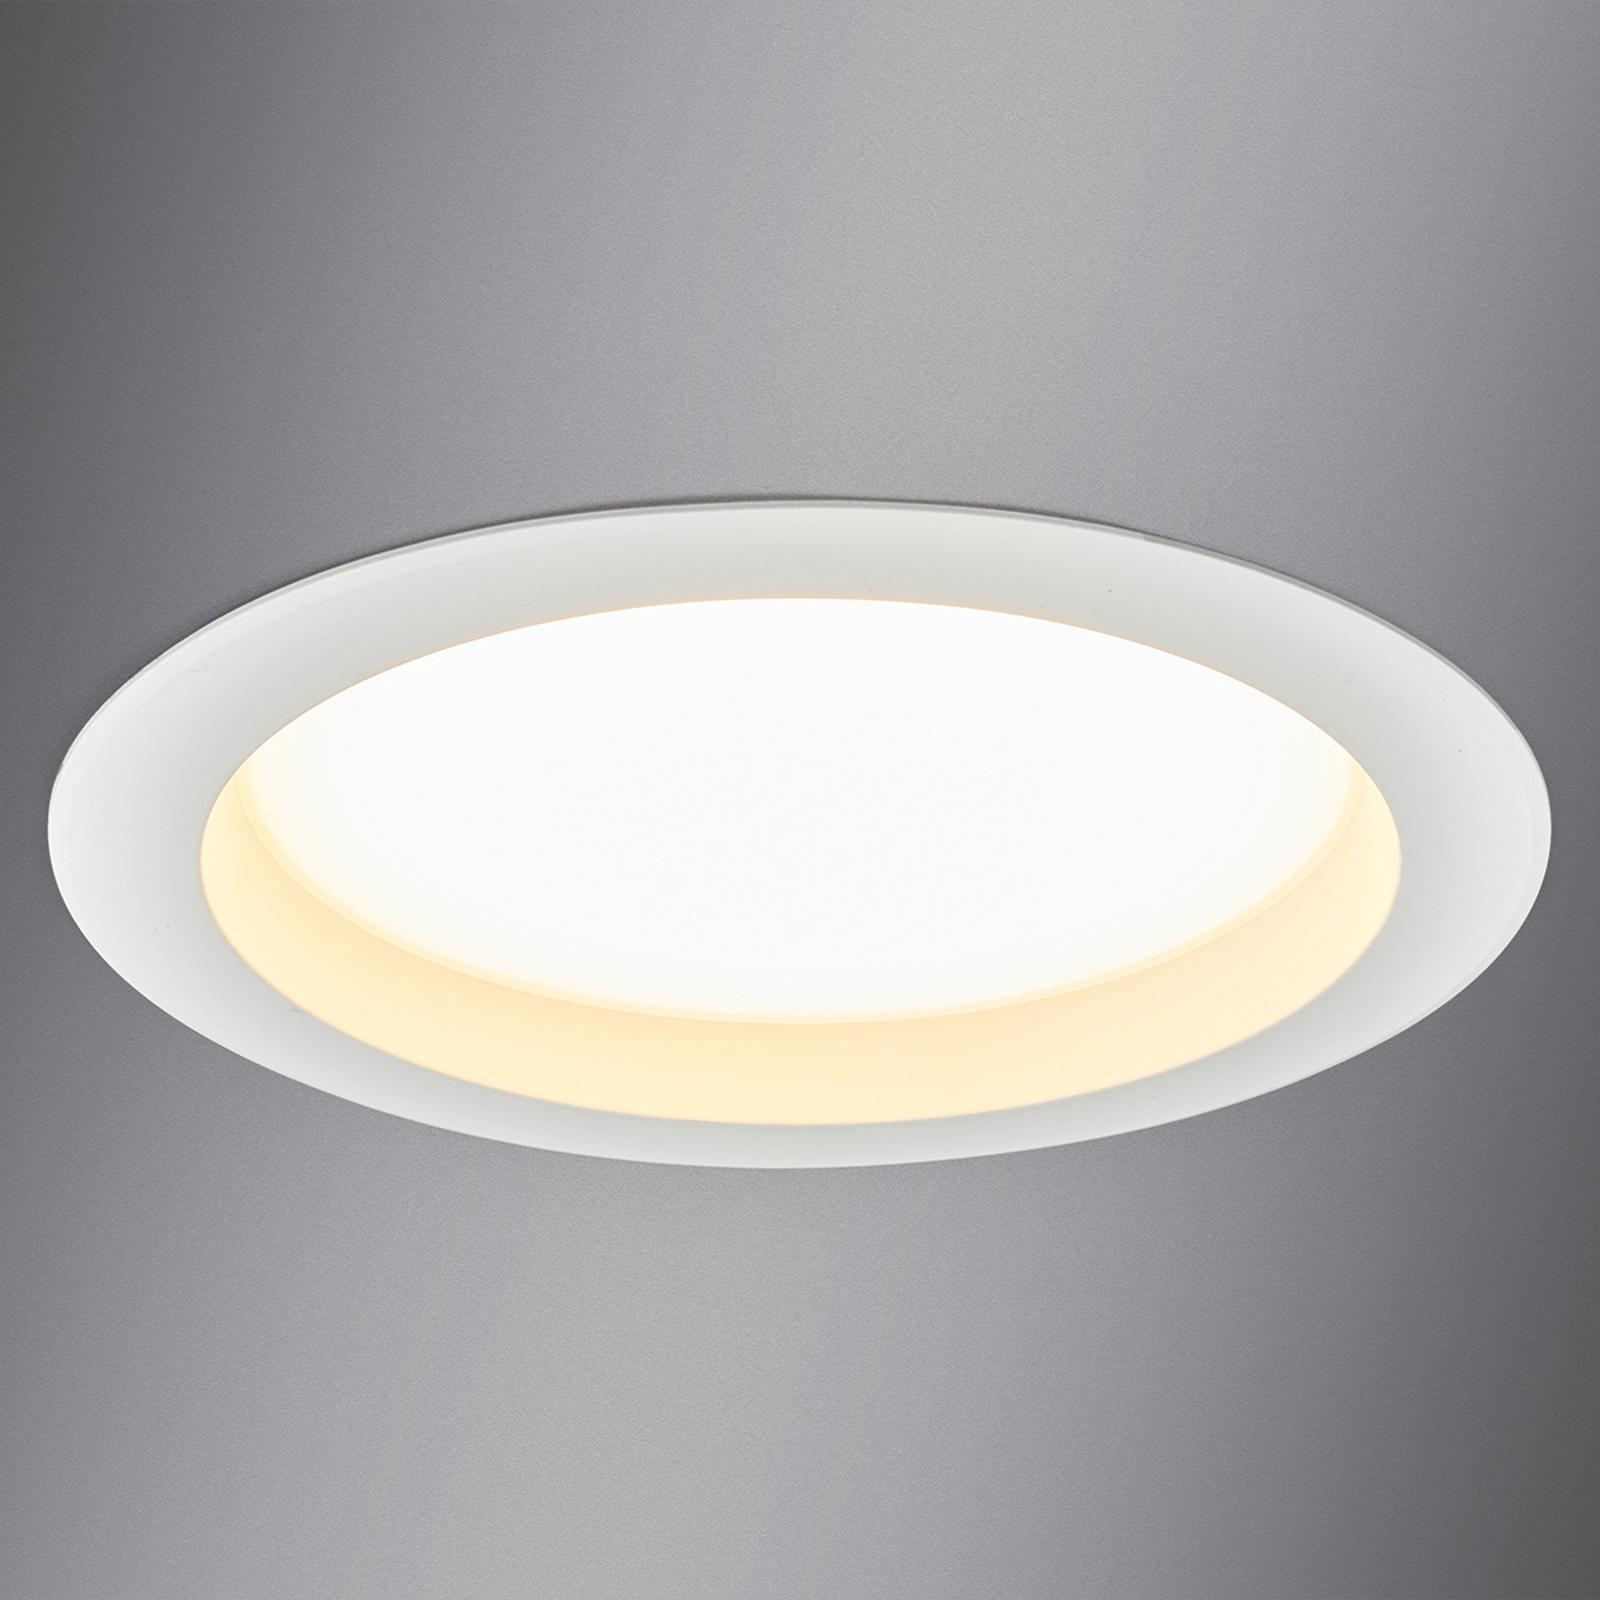 Großer LED-Einbaustrahler Arian, 24,4 cm 22,5W